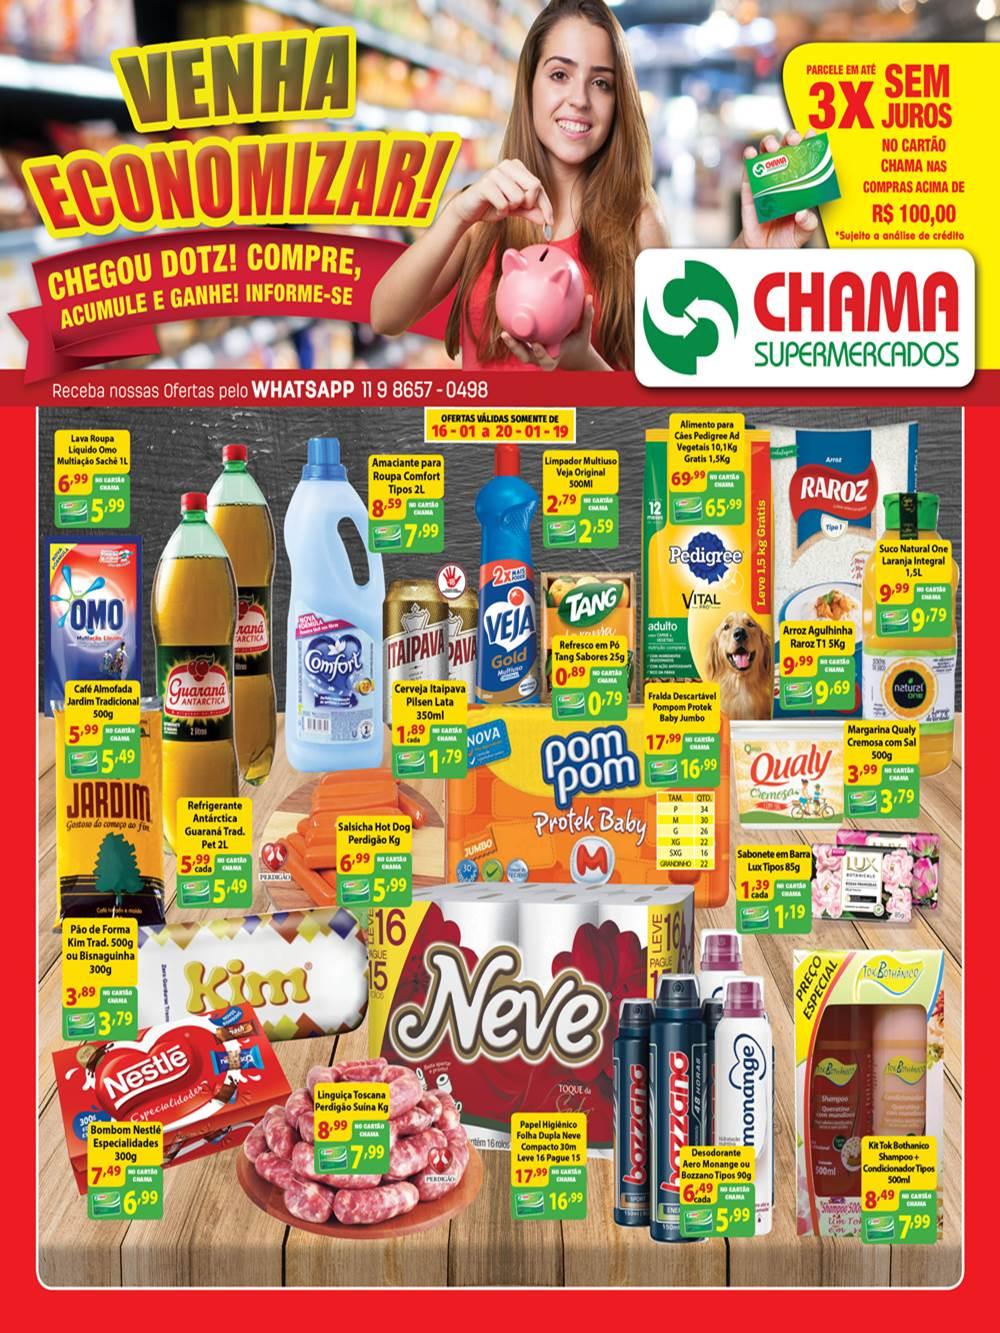 Ofertas-Chama1-1 Ofertas de Supermercados - Economize!